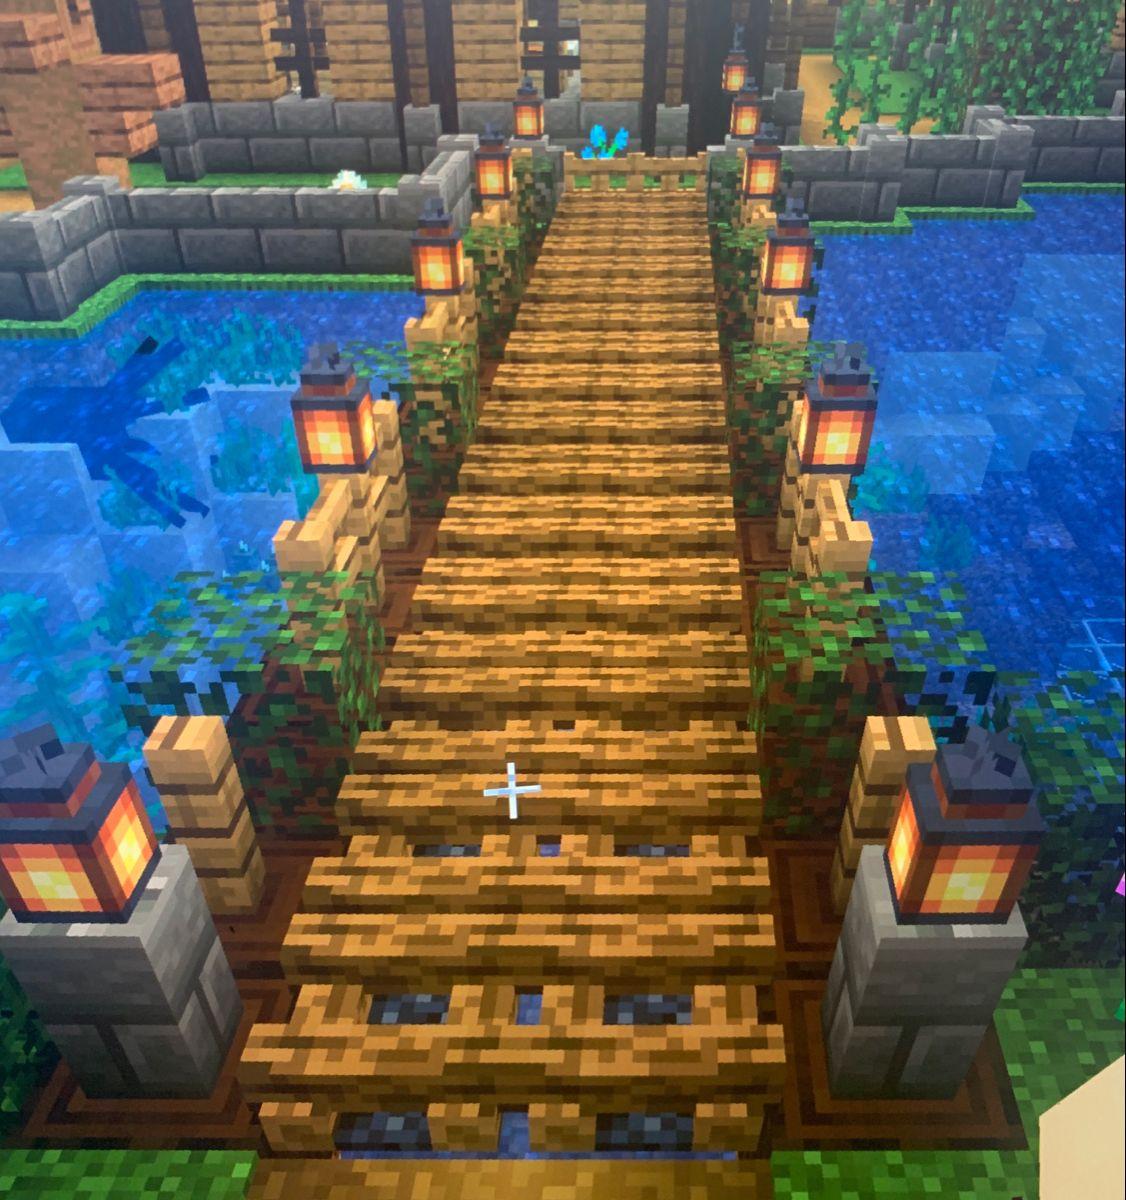 Minecraft Bridge Minecraft Houses Minecraft Cottage Minecraft Designs